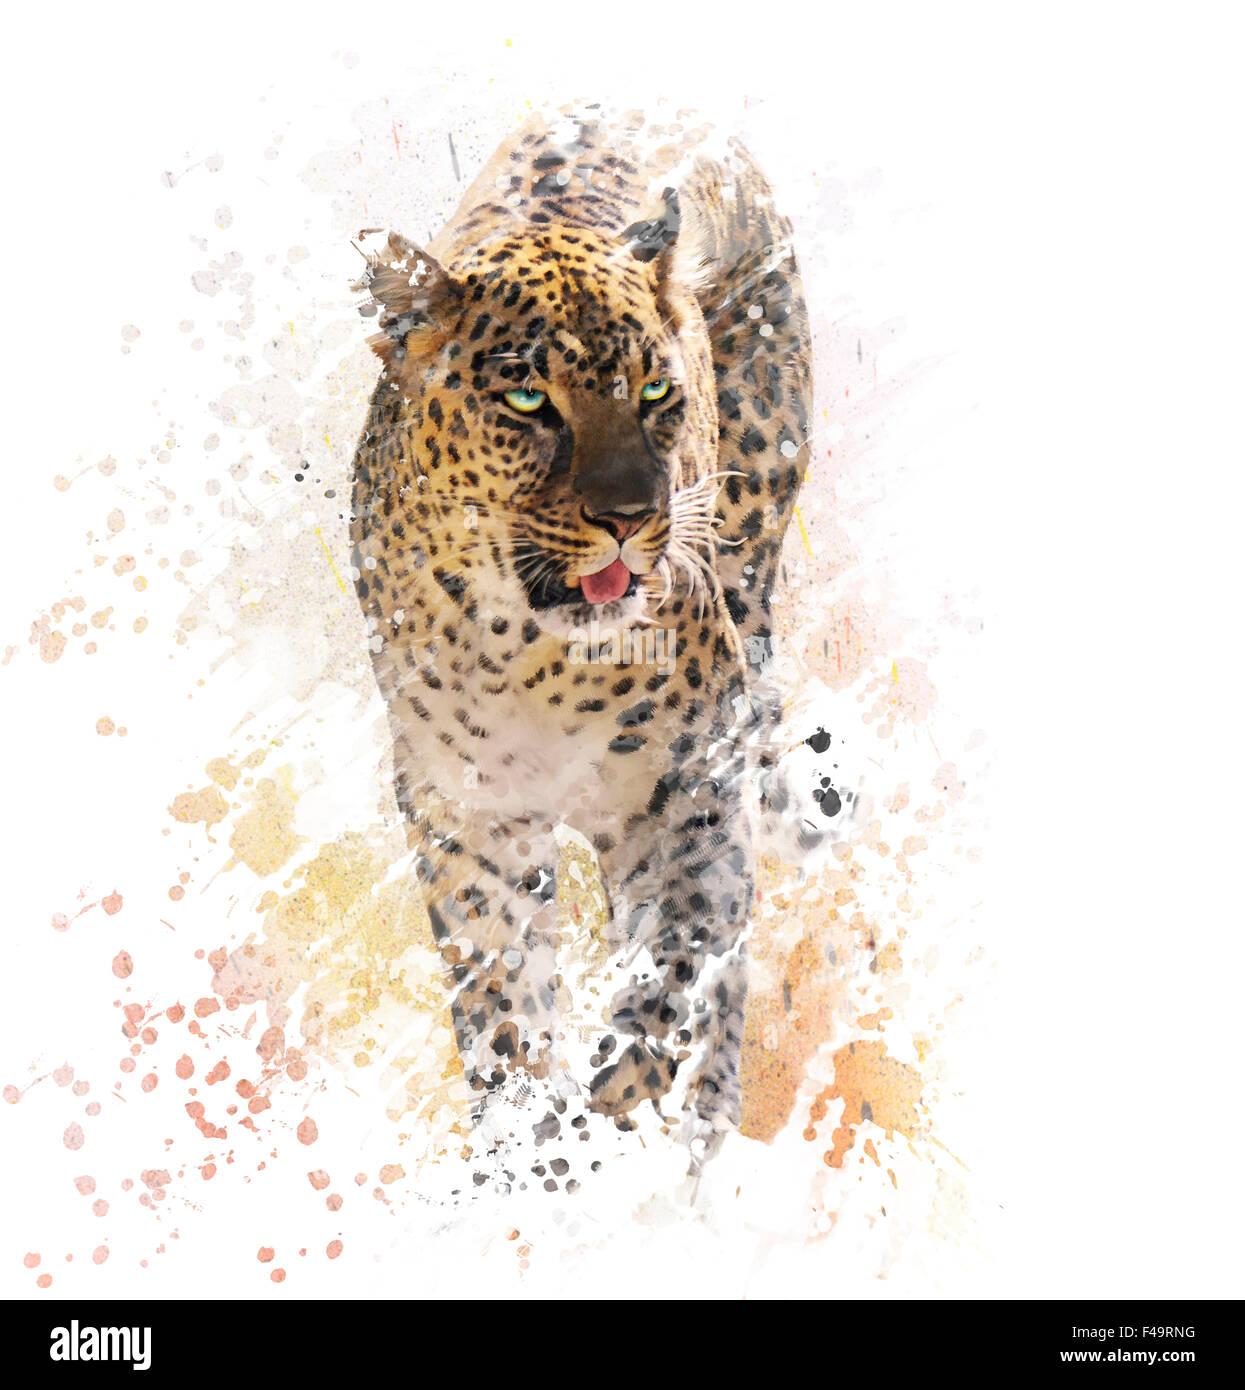 La pittura digitale di Leopard su sfondo bianco Immagini Stock